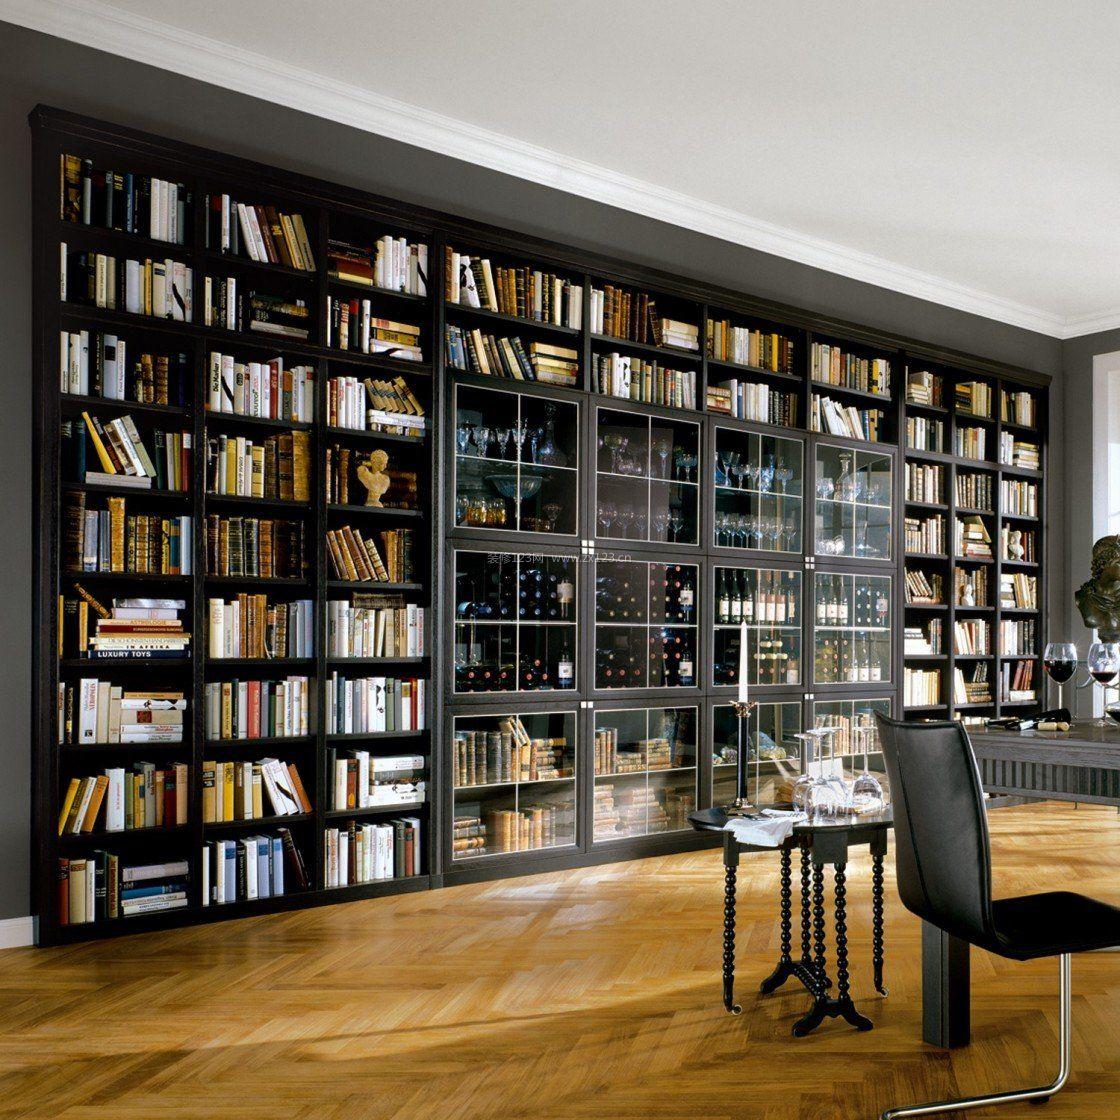 简约风格图书馆设计书架效果图片